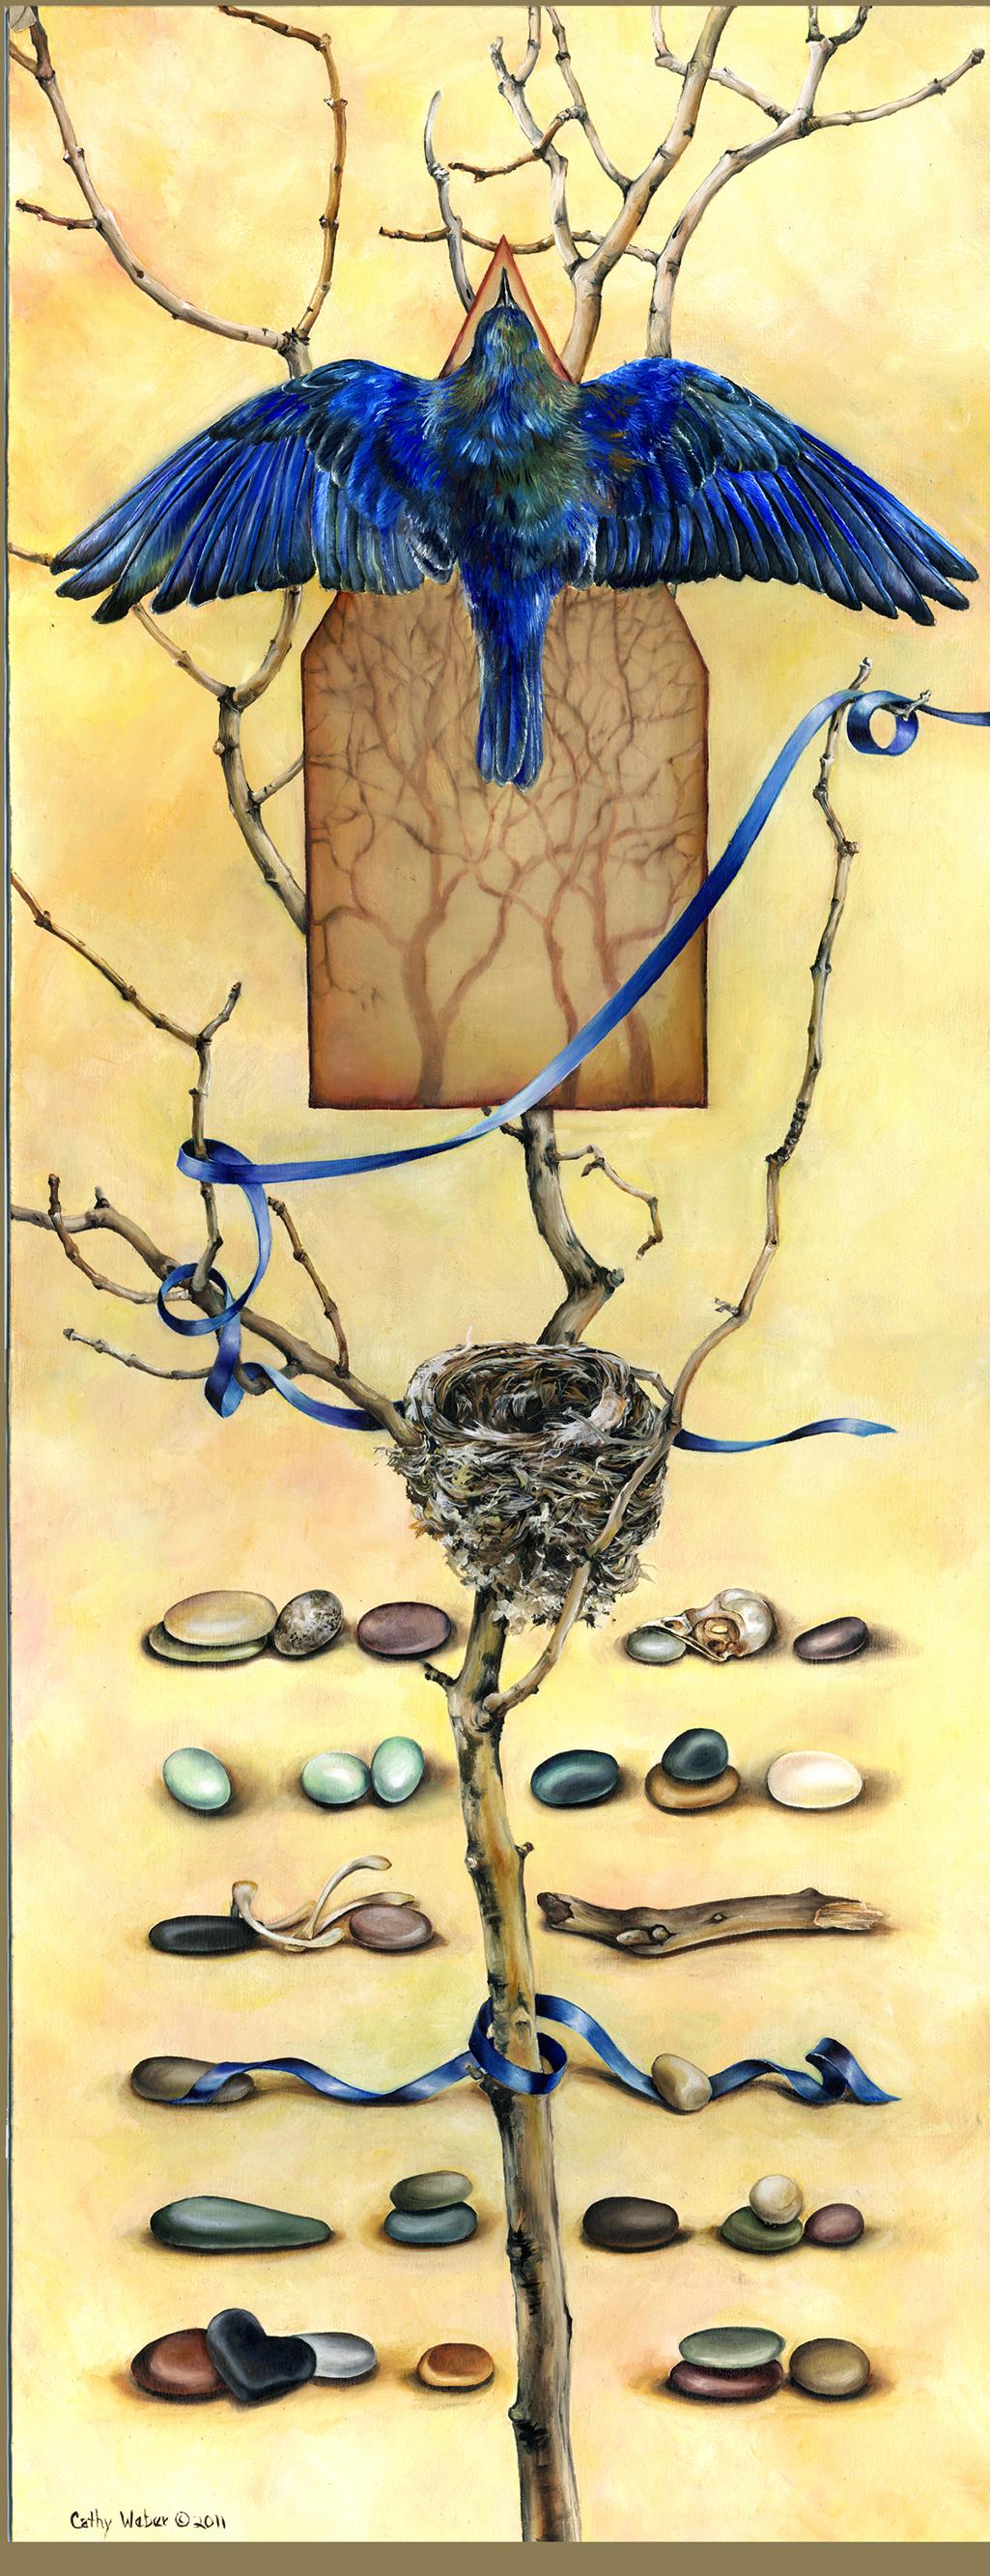 11.010 -- cathy weber - artist - oil painting - montana - woman - egg - stone - art - ribbon - nest